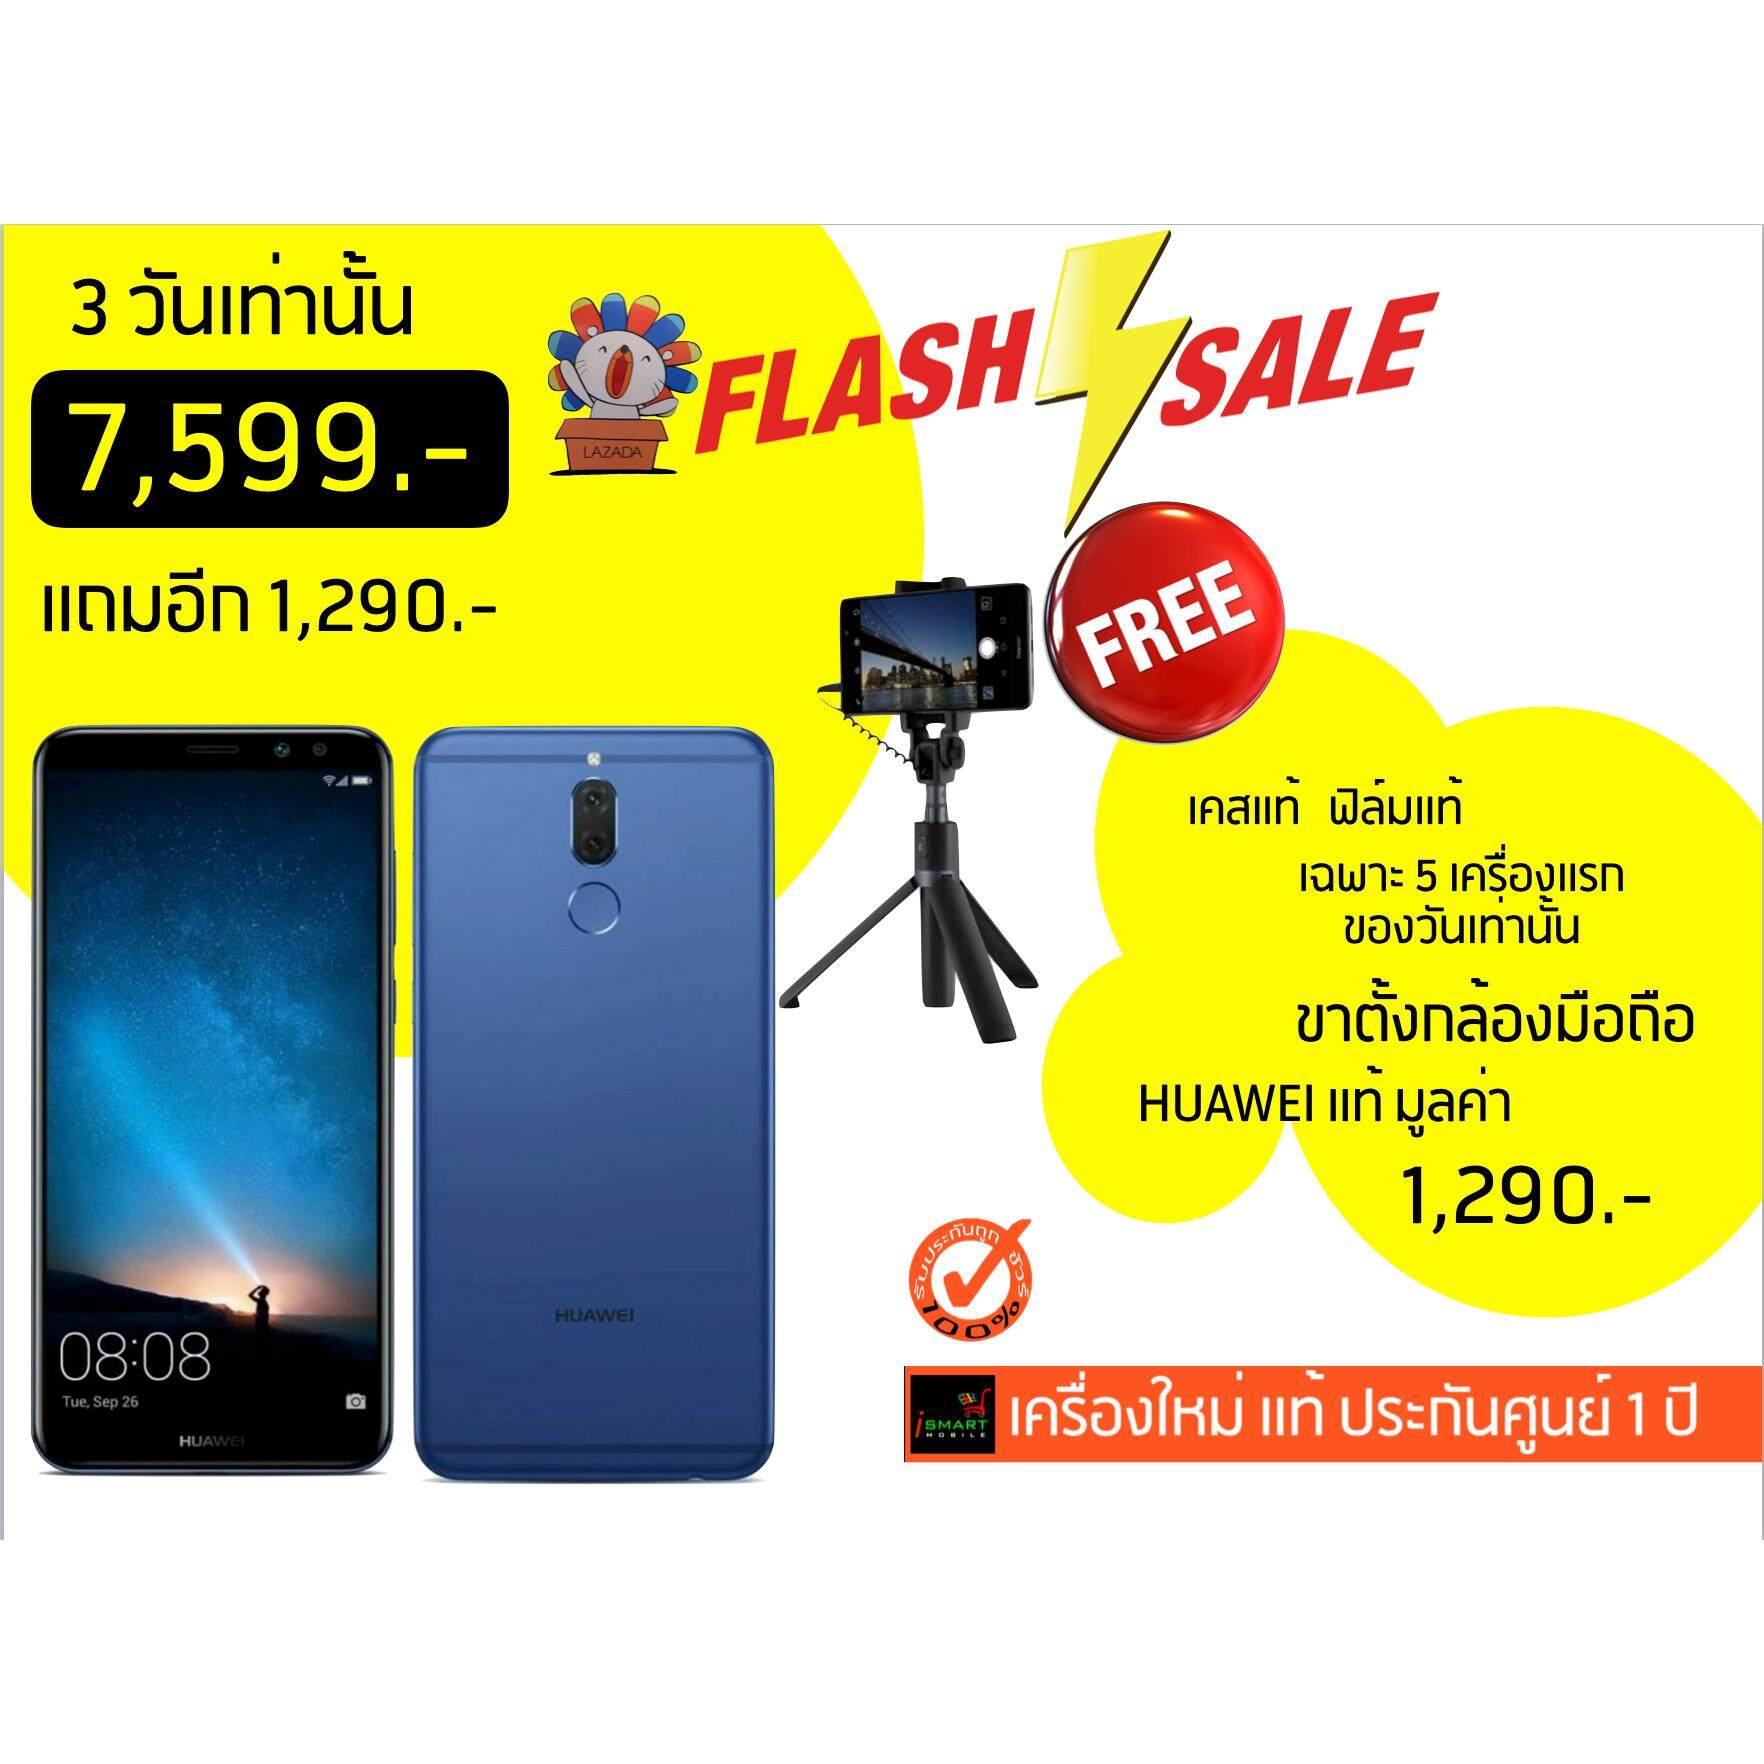 ส่วนลด สินค้า Huawei Nova 2I ลดเหลือ 7 599 แถมอีก 1 290 กดโค๊ต Ismart10 รับฟรี ขาตั้งกล้อง Huawei แท้ 1290 บาท เคสแท้ ฟิล์มกันรอยแท้